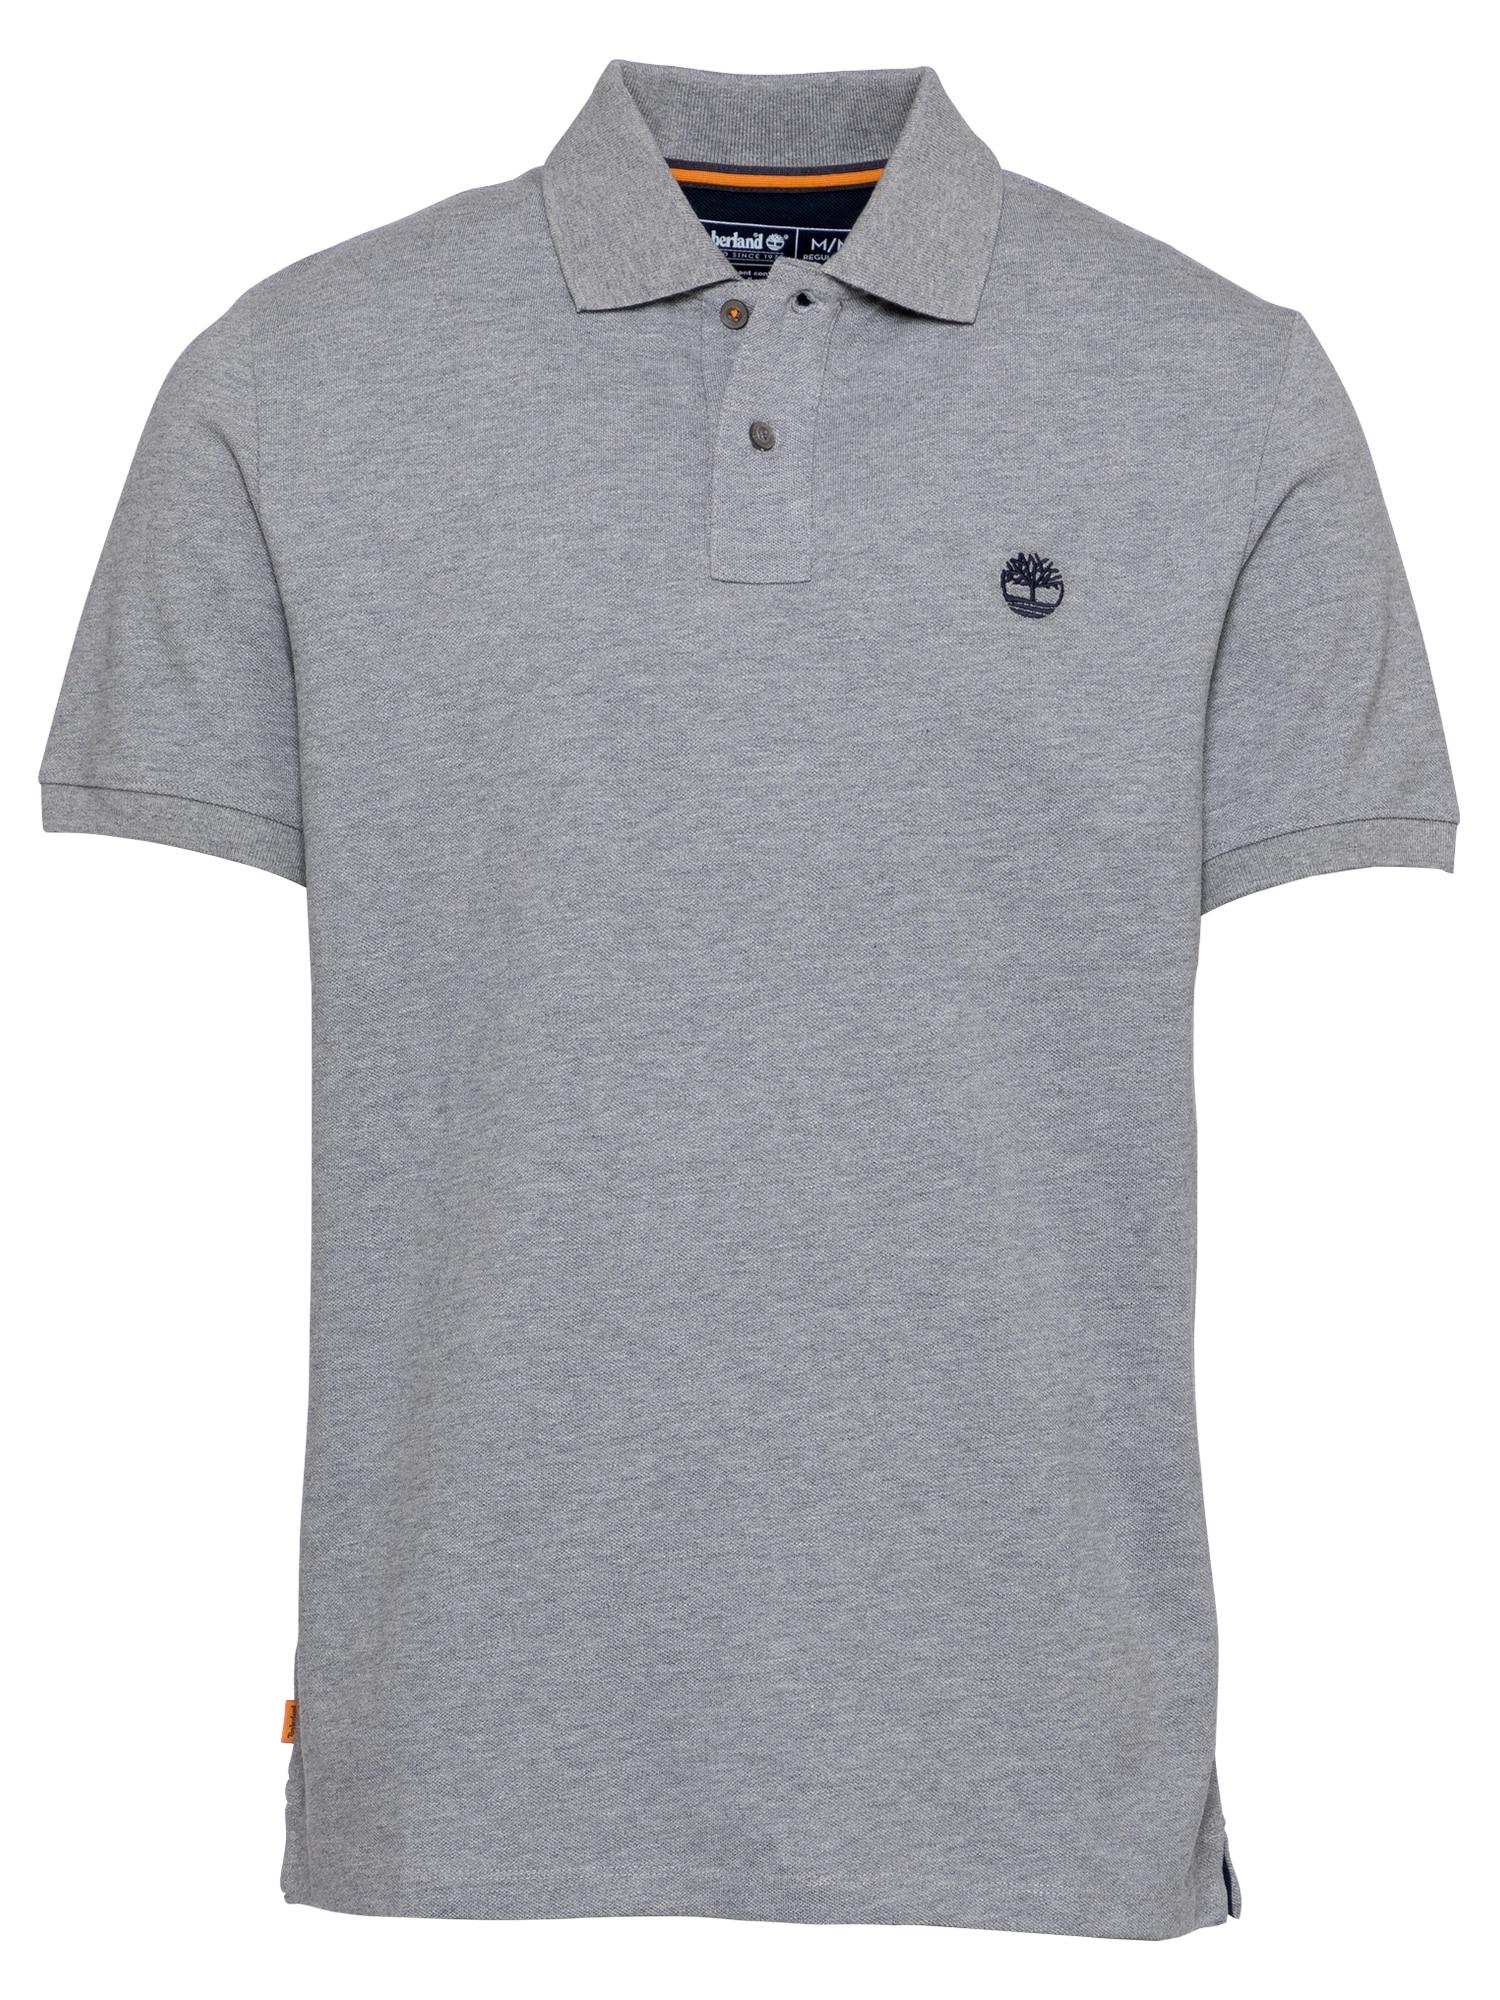 TIMBERLAND Marškinėliai margai pilka / juoda